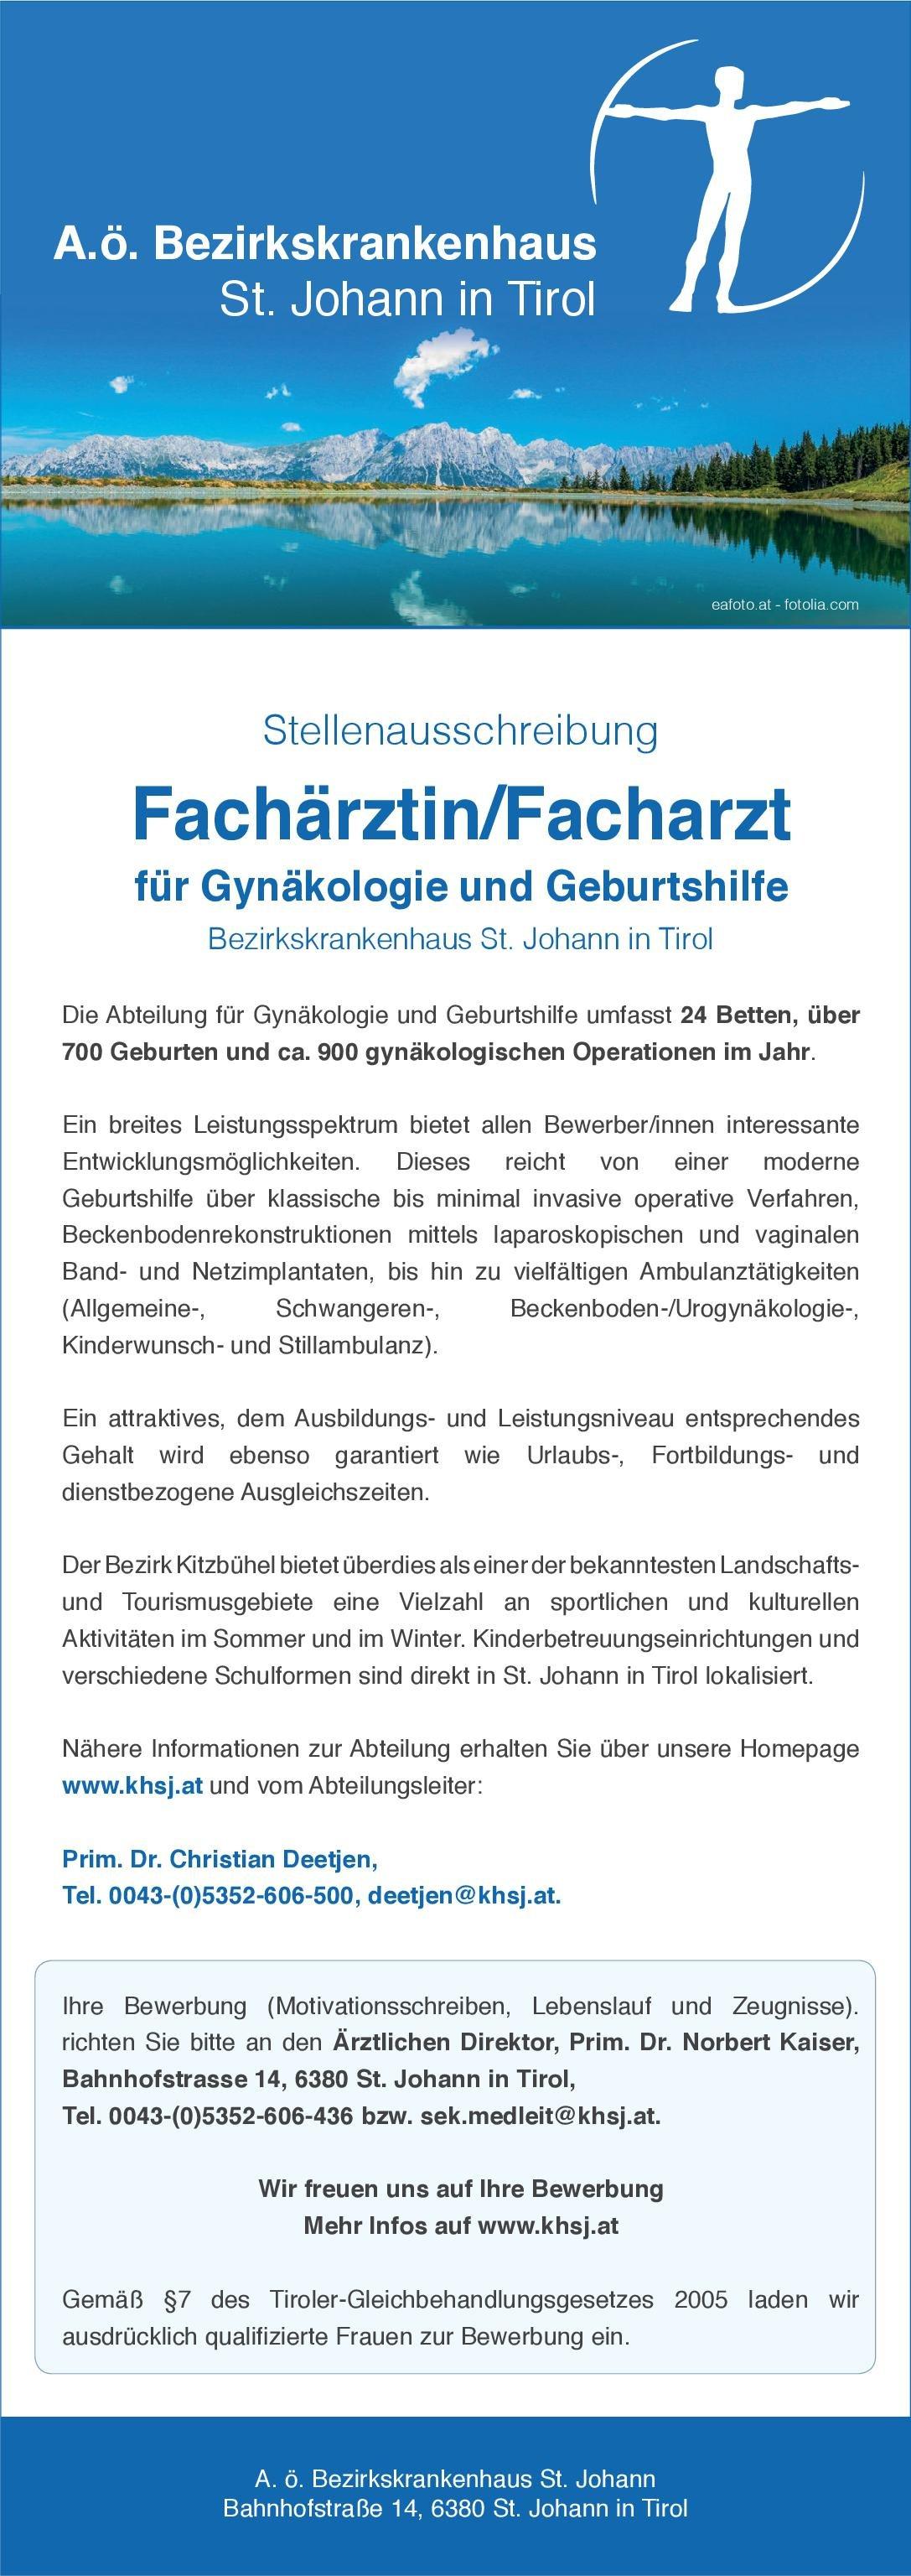 A.ö. Bezirkskrankenhaus - St. Johann in Tirol Fachärztin/Facharzt für Gynäkologie und Geburtshilfe  Frauenheilkunde und Geburtshilfe, Frauenheilkunde und Geburtshilfe Arzt / Facharzt